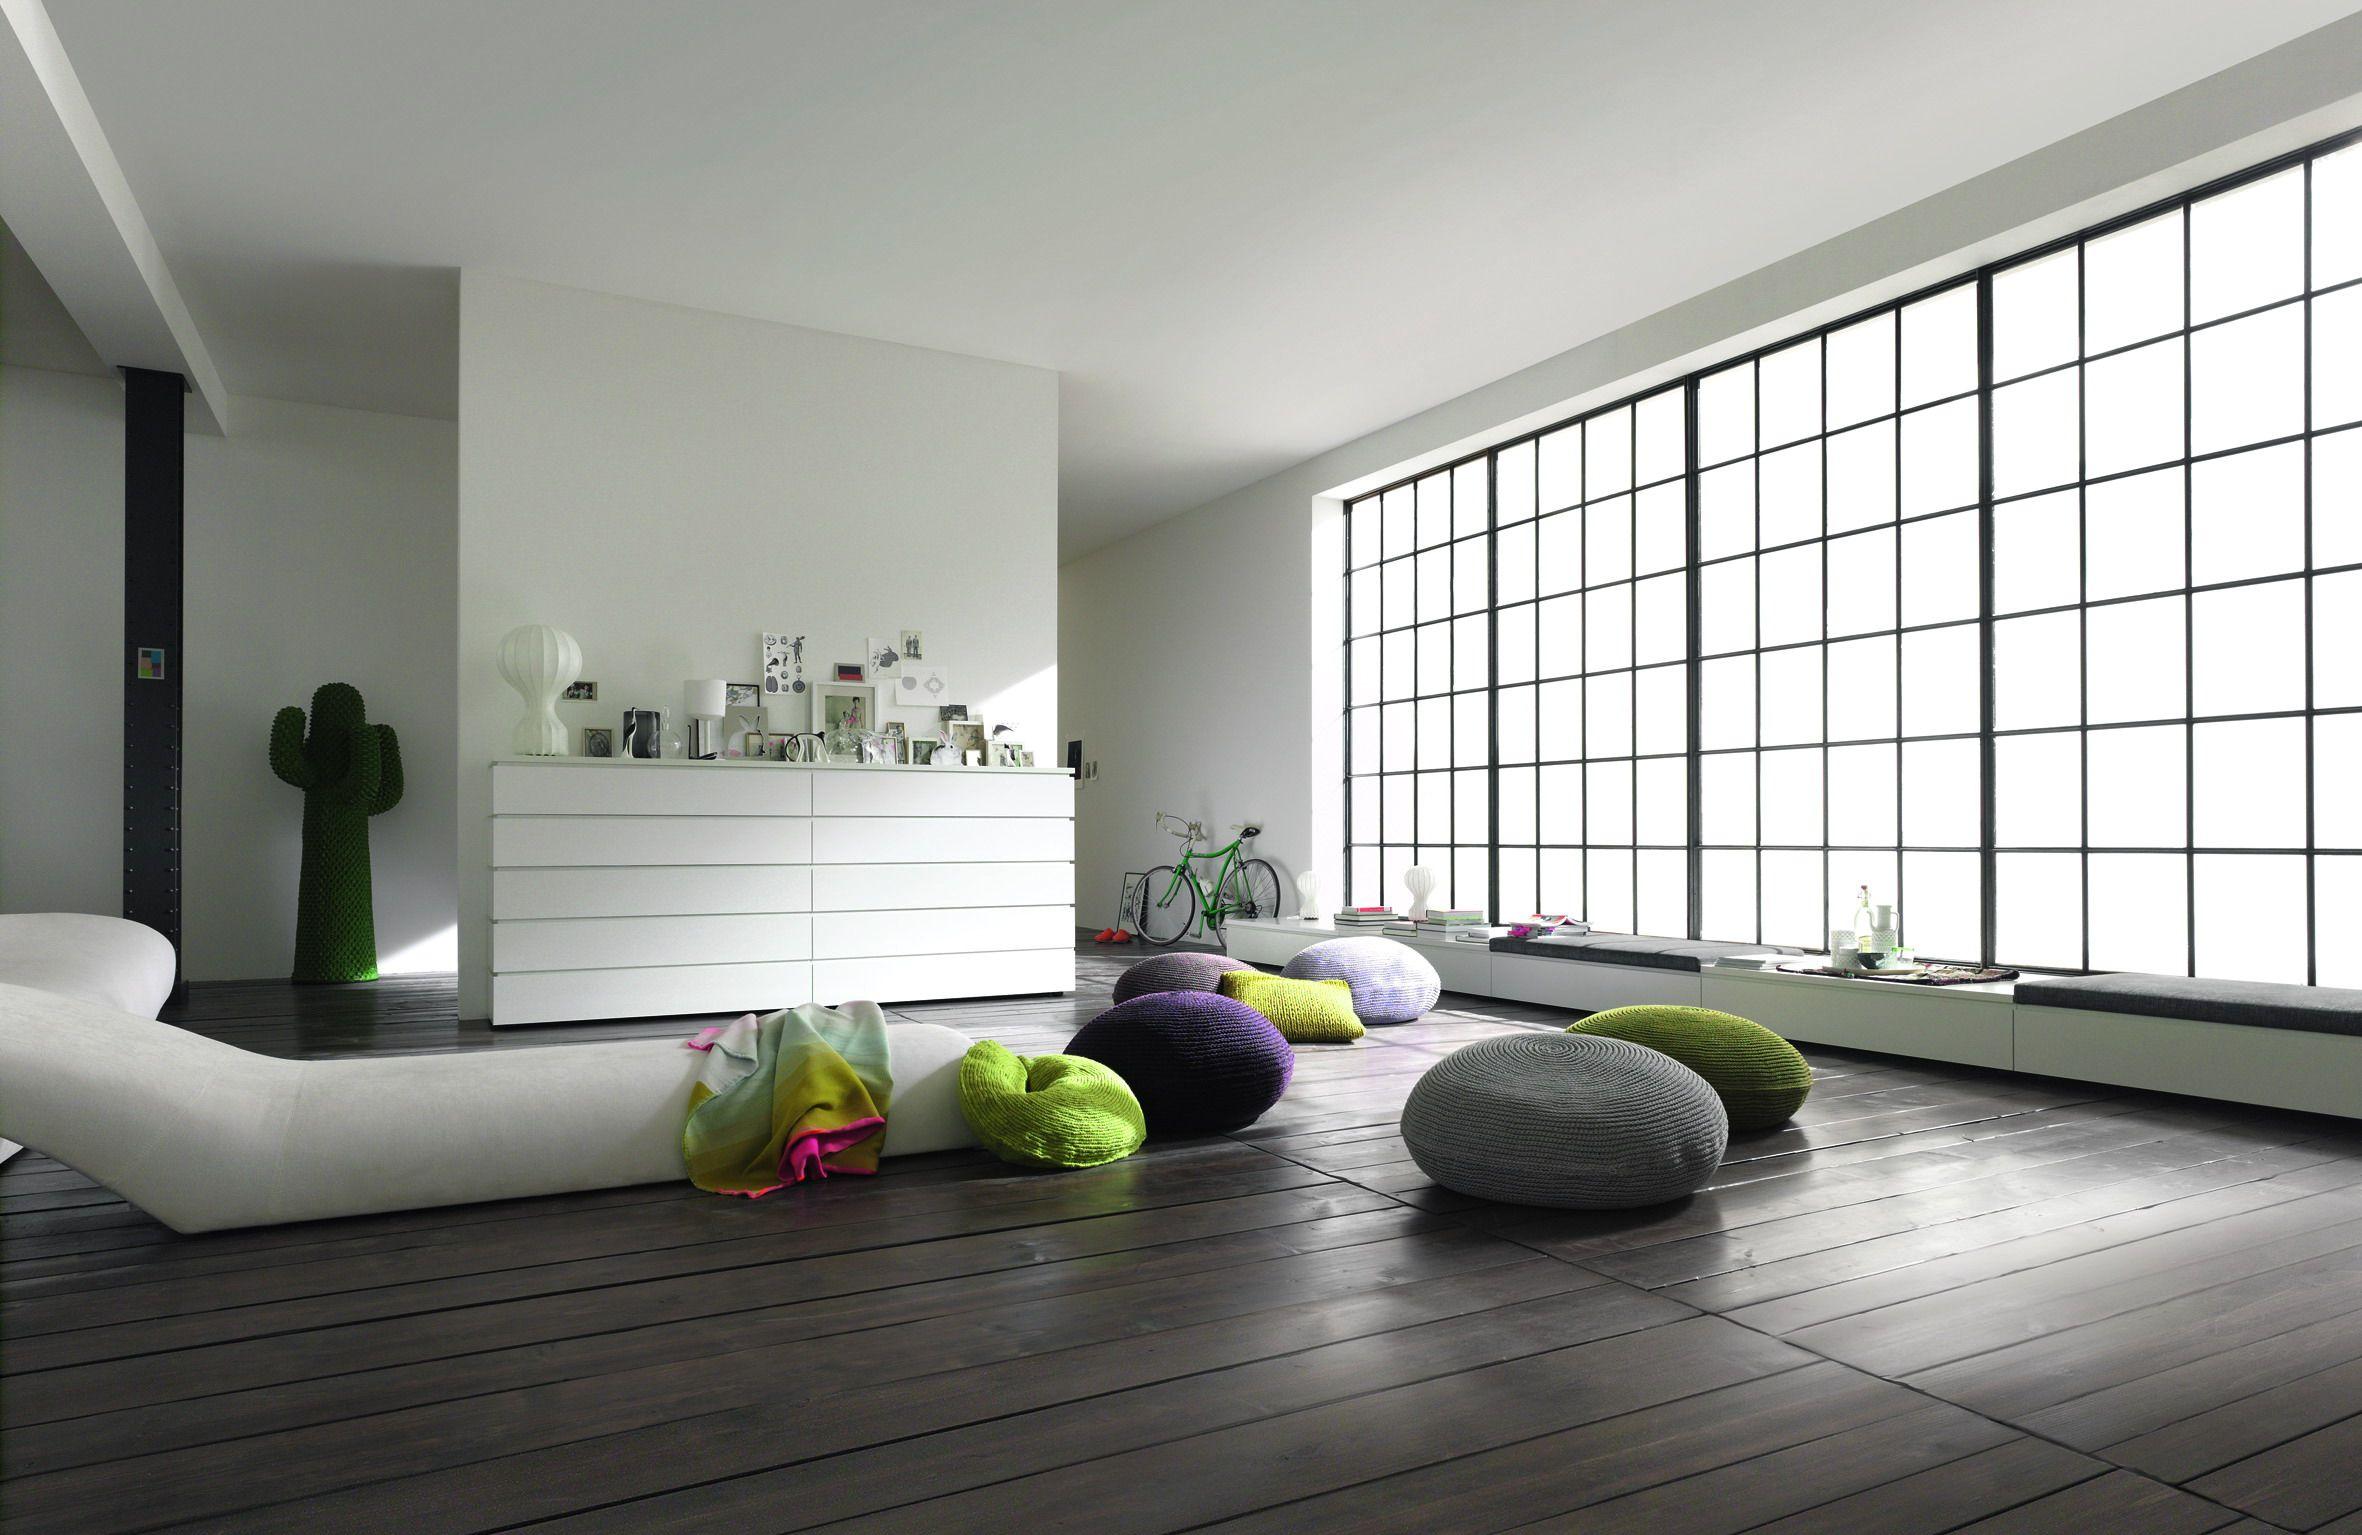 Entzuckend Wohnzimmer Wandgestaltung Modern U2013 Dumss.com